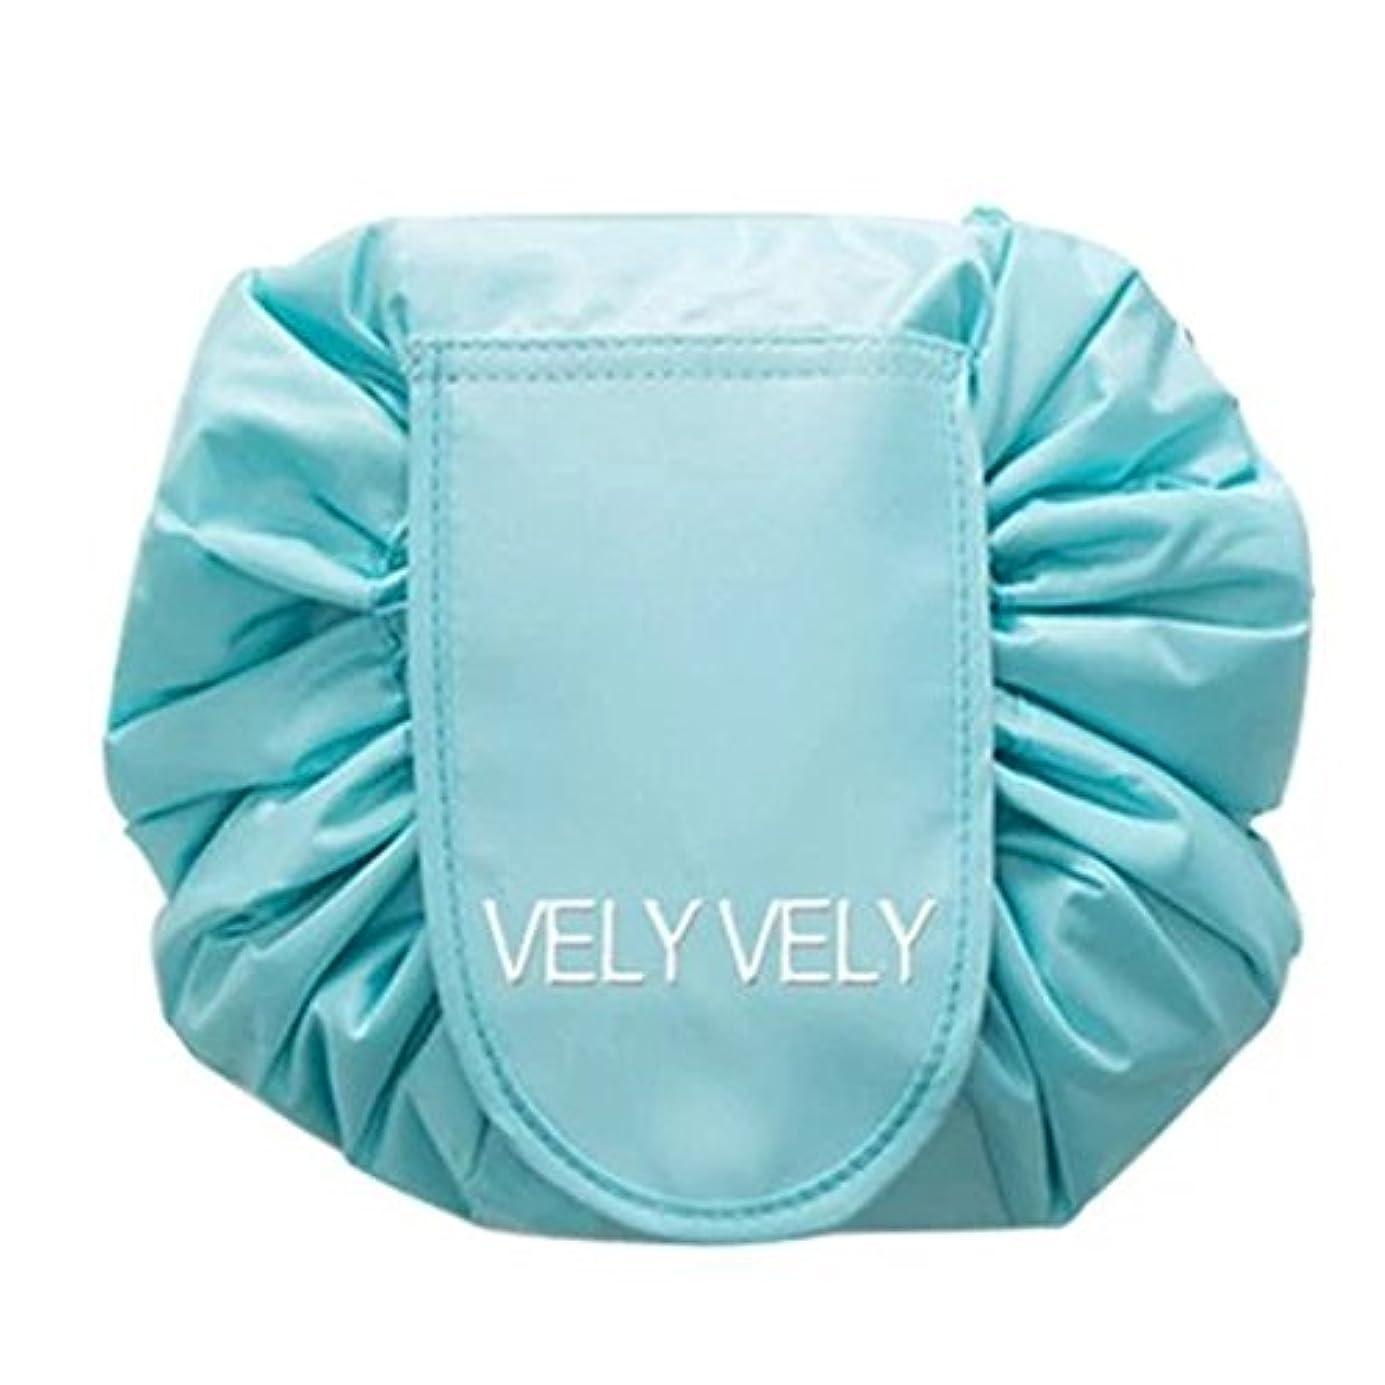 スムーズにショートカットカンガルーLittleliving 旅行メイクバッグ 旅行化粧バッグ メイク収納バッグ 化粧ポーチ 大容量 巾着 マジックふろしきポーチ